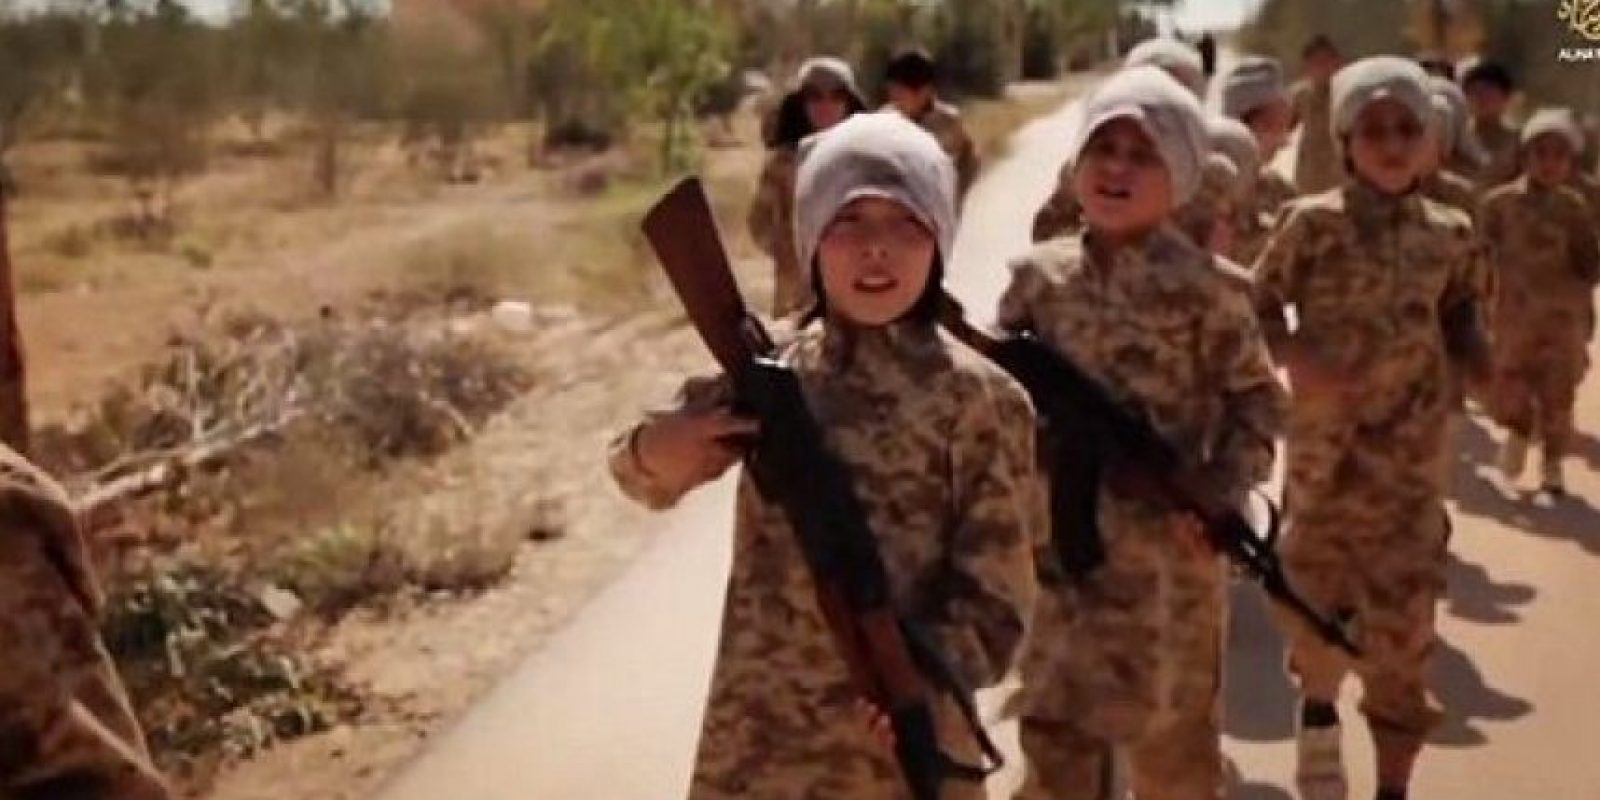 Los menores aparecen en sus videos portando armas Foto:Twitter.com – Archivo